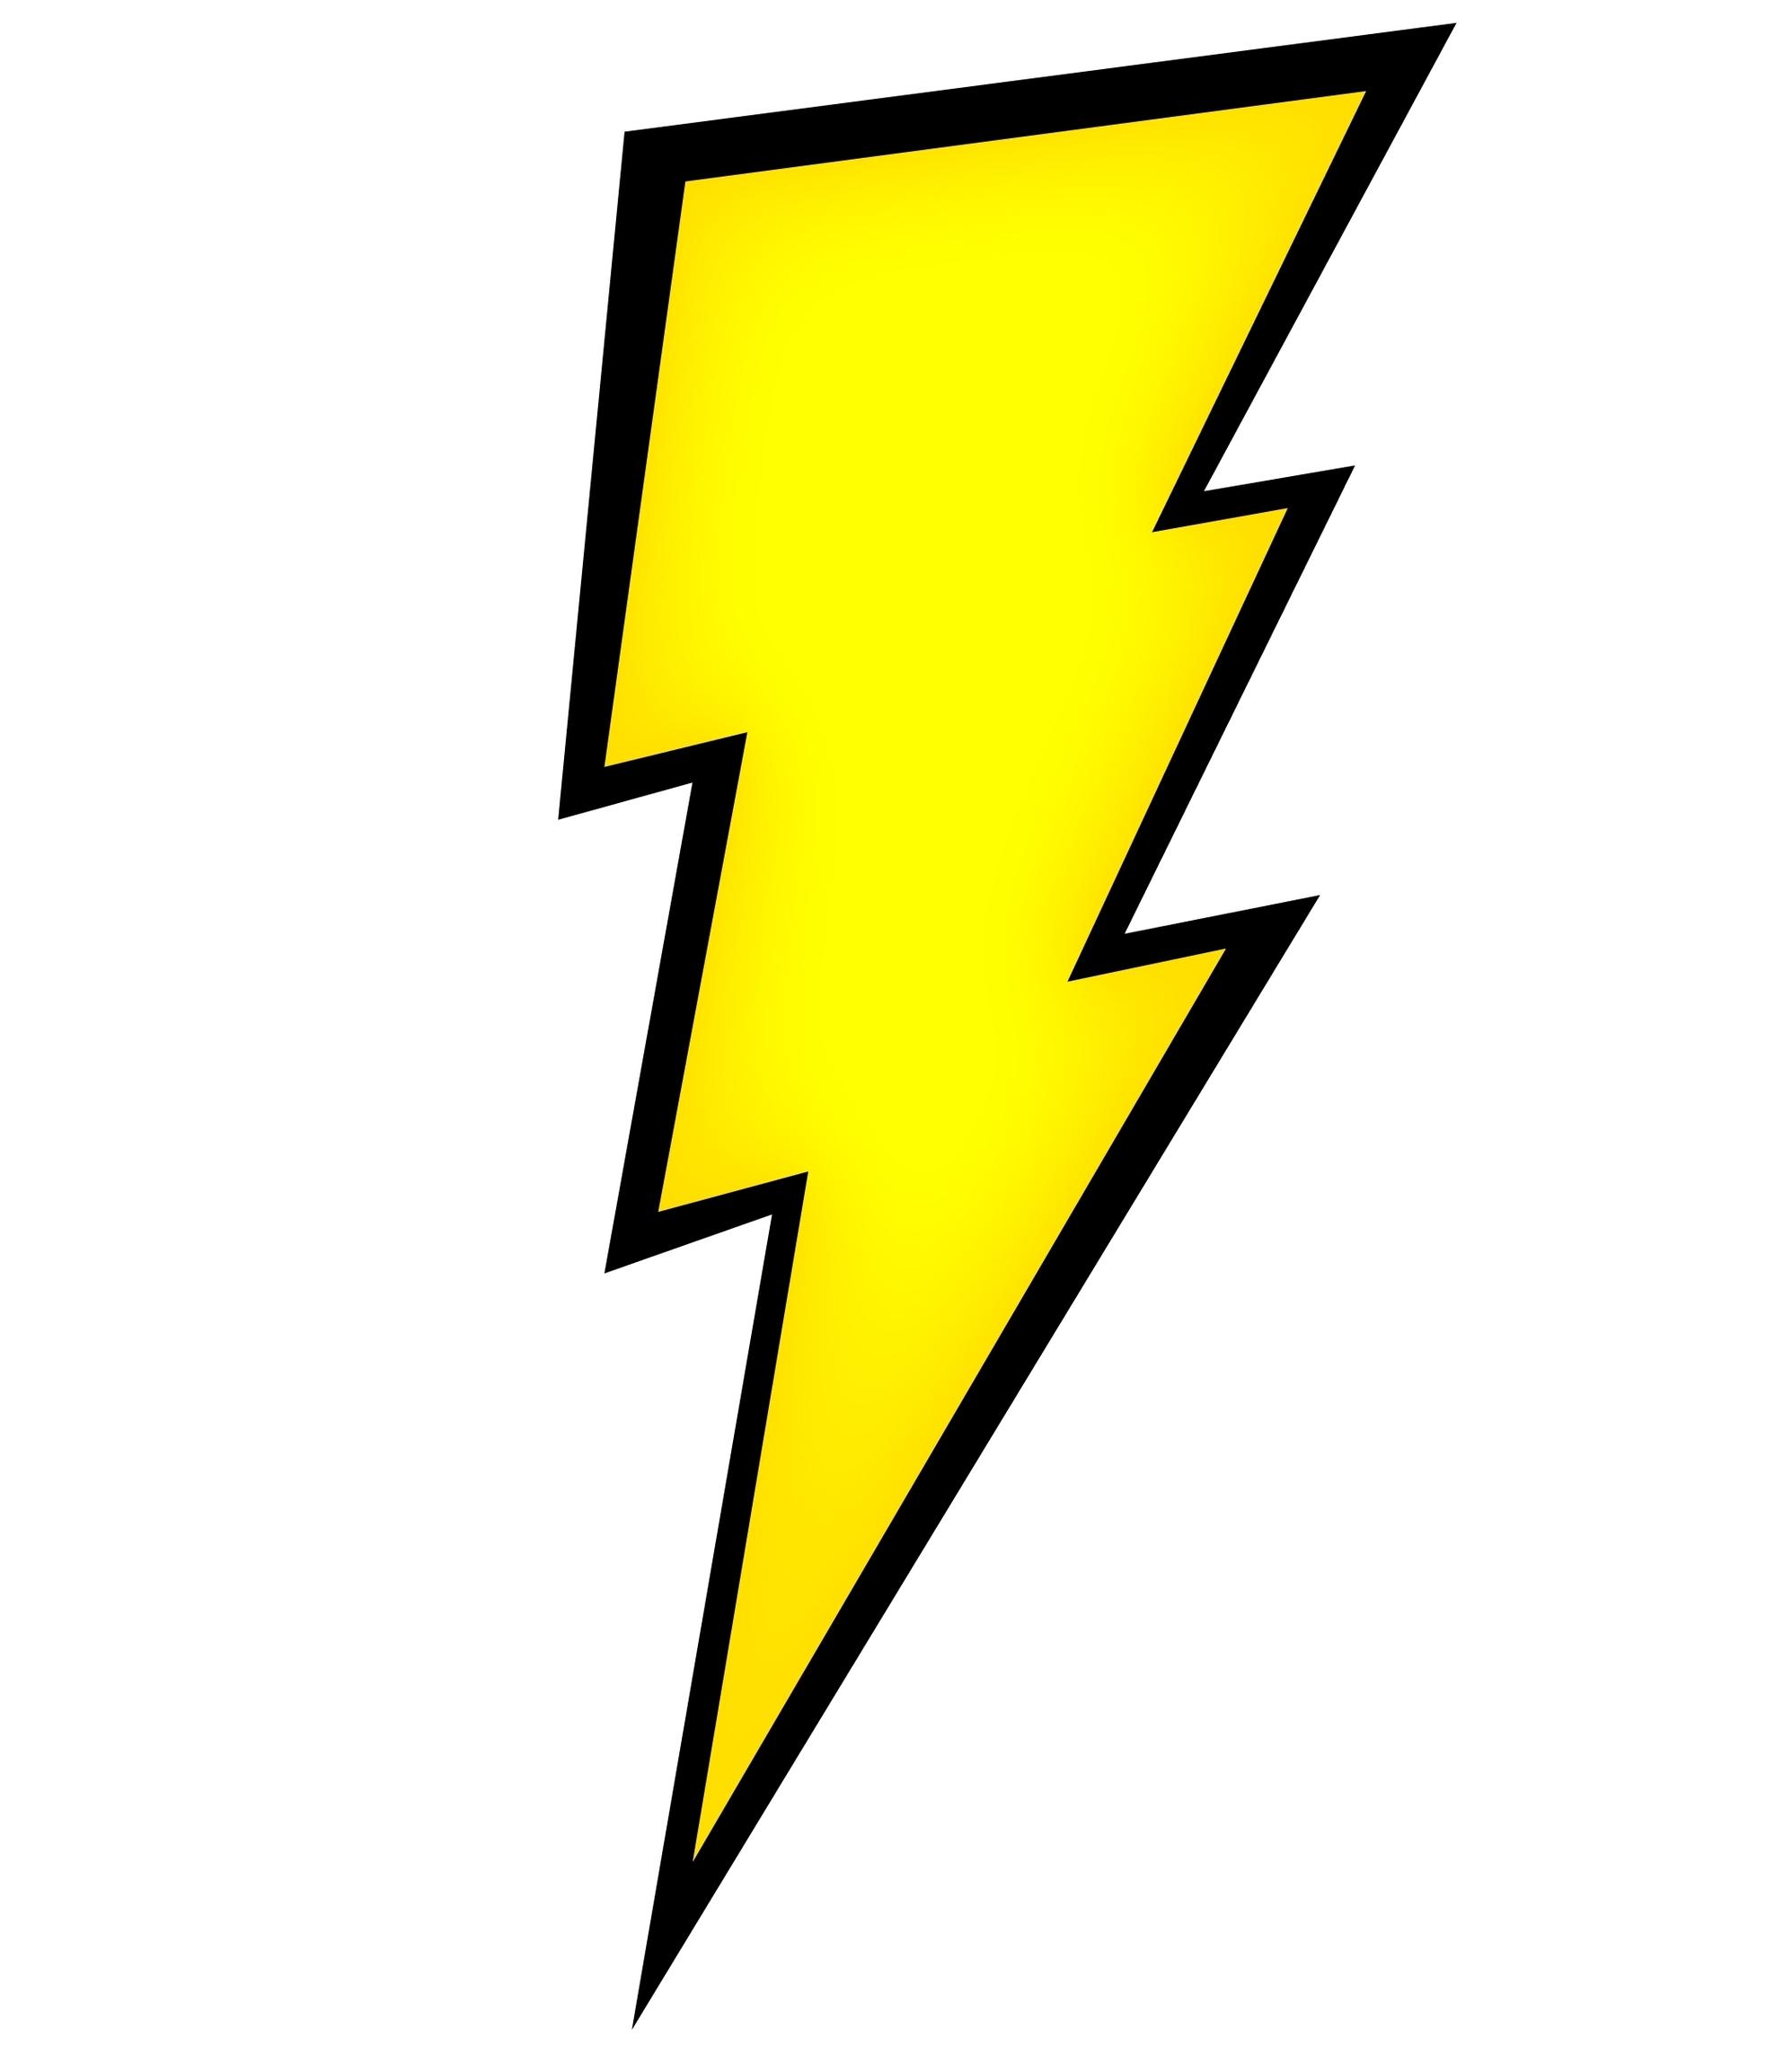 Lightning Conductor Clip Art.